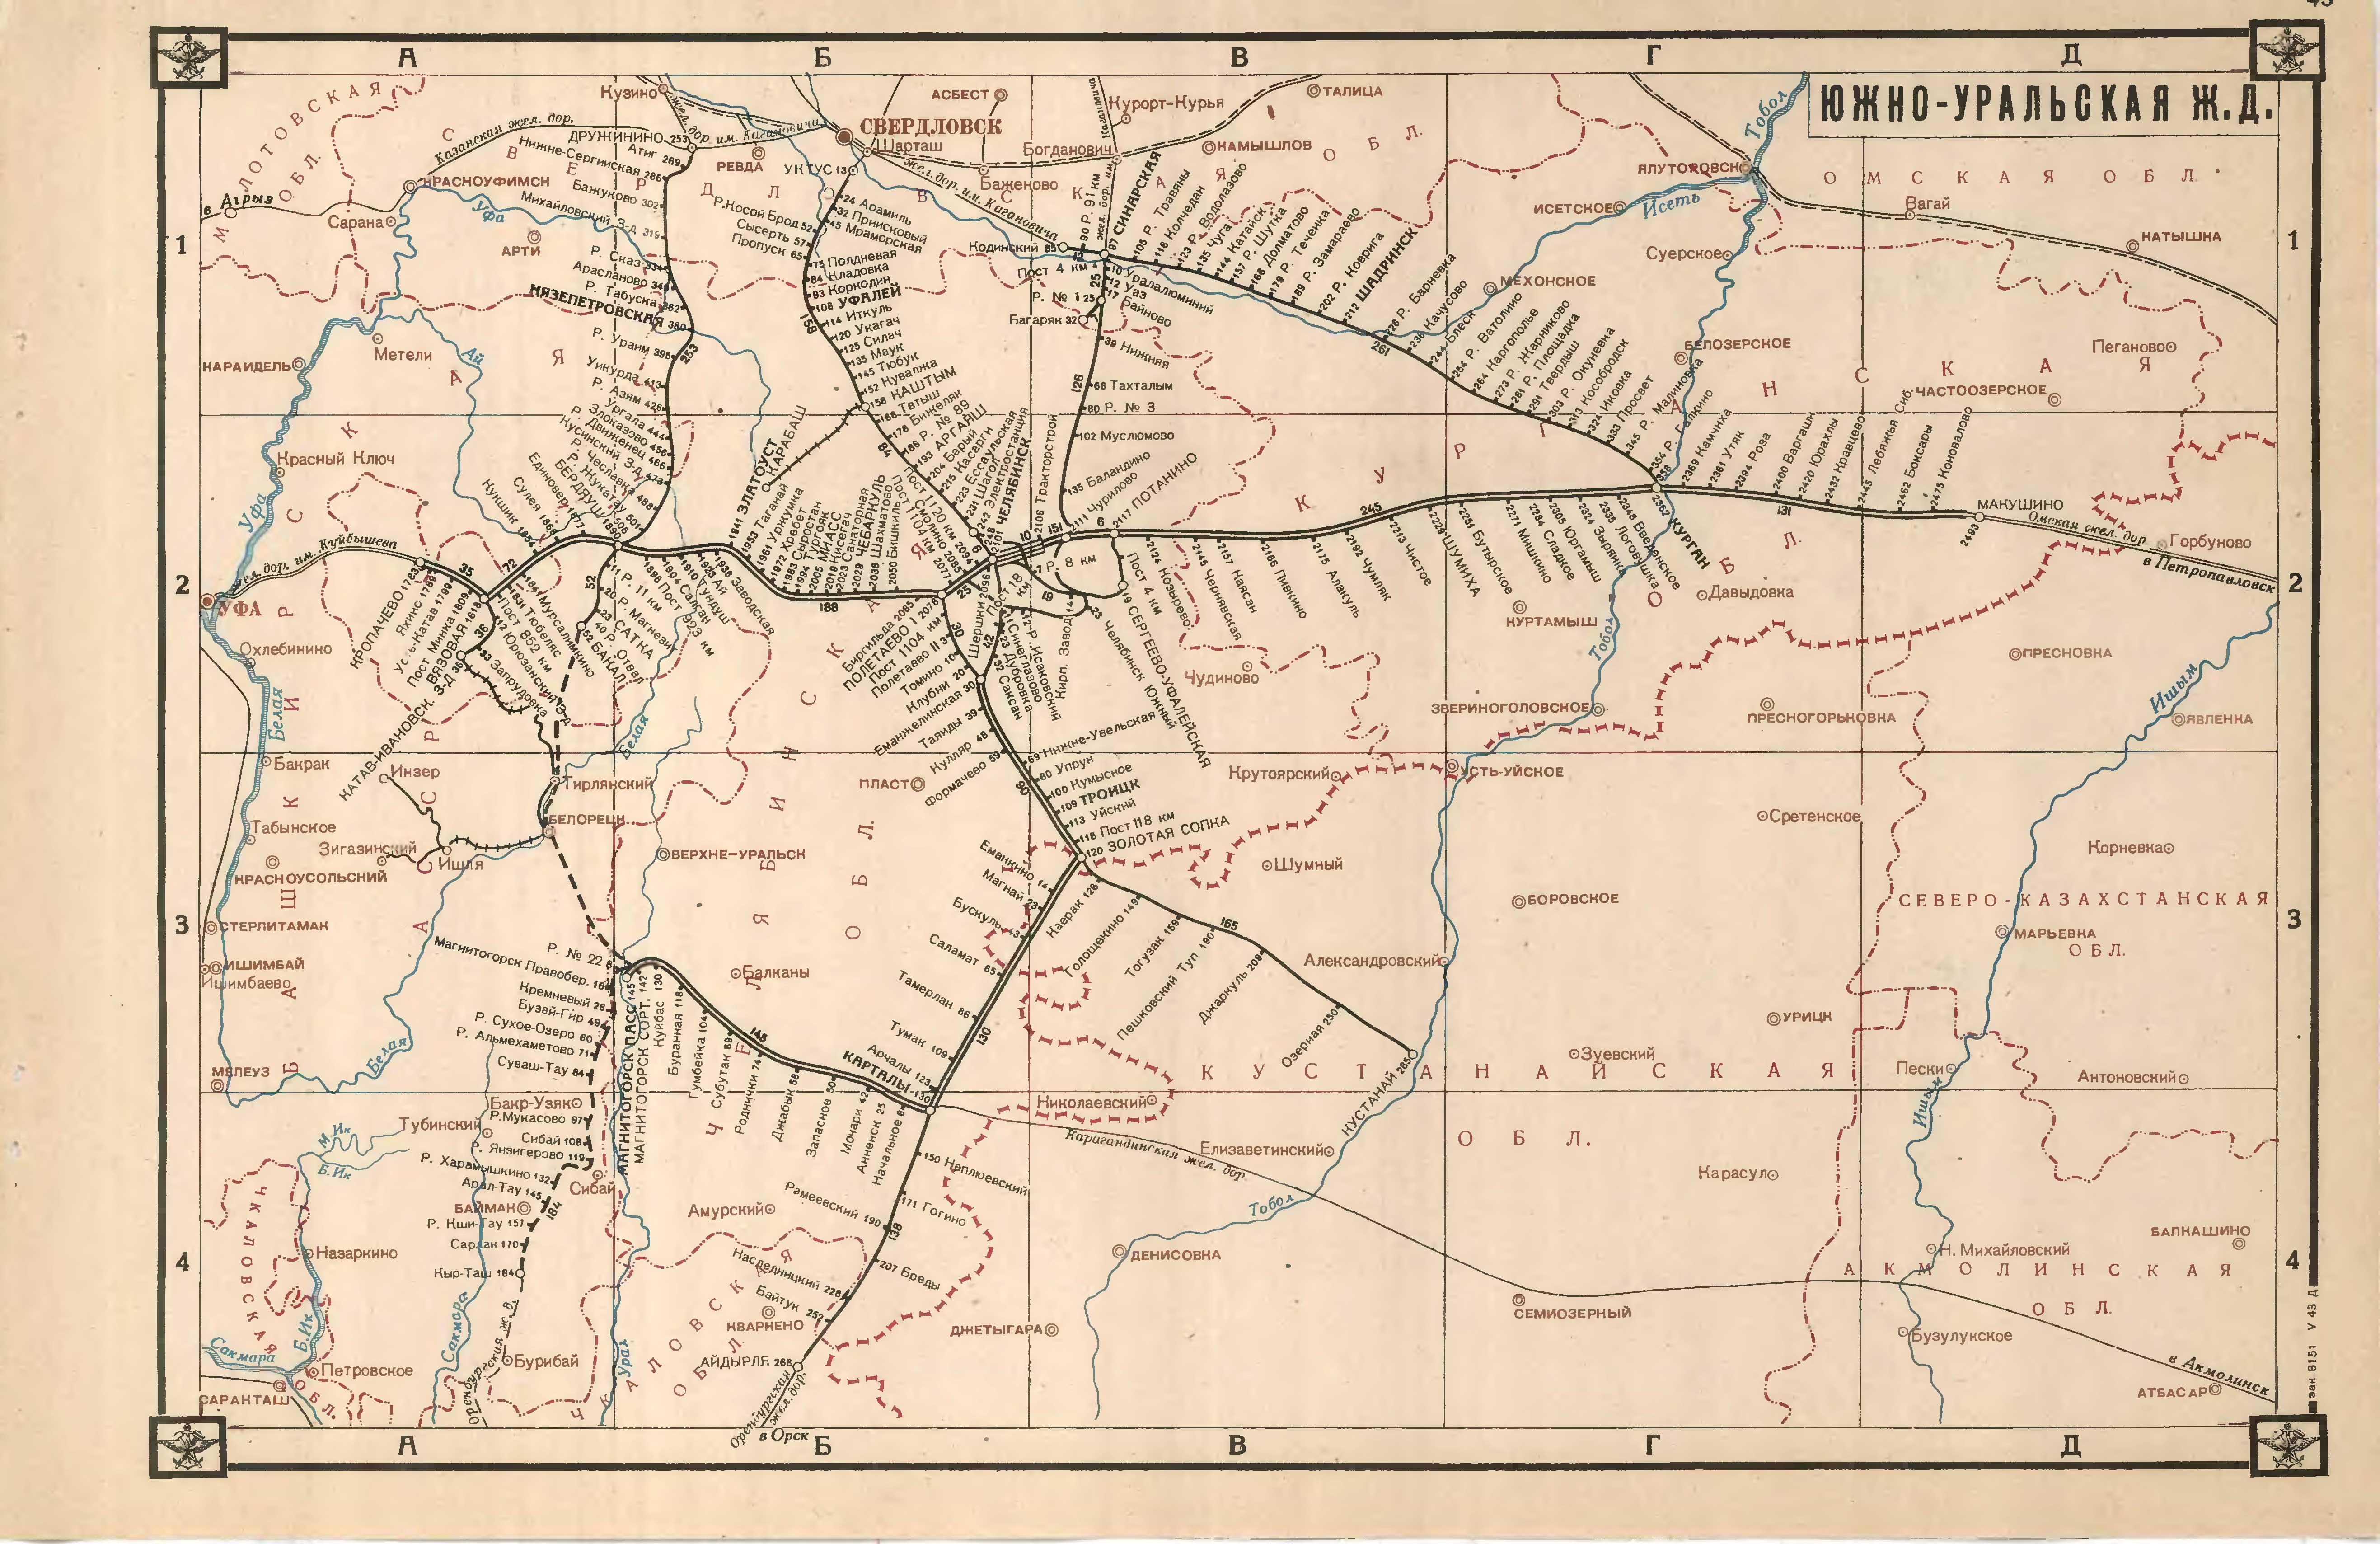 Схема железной дороги урала